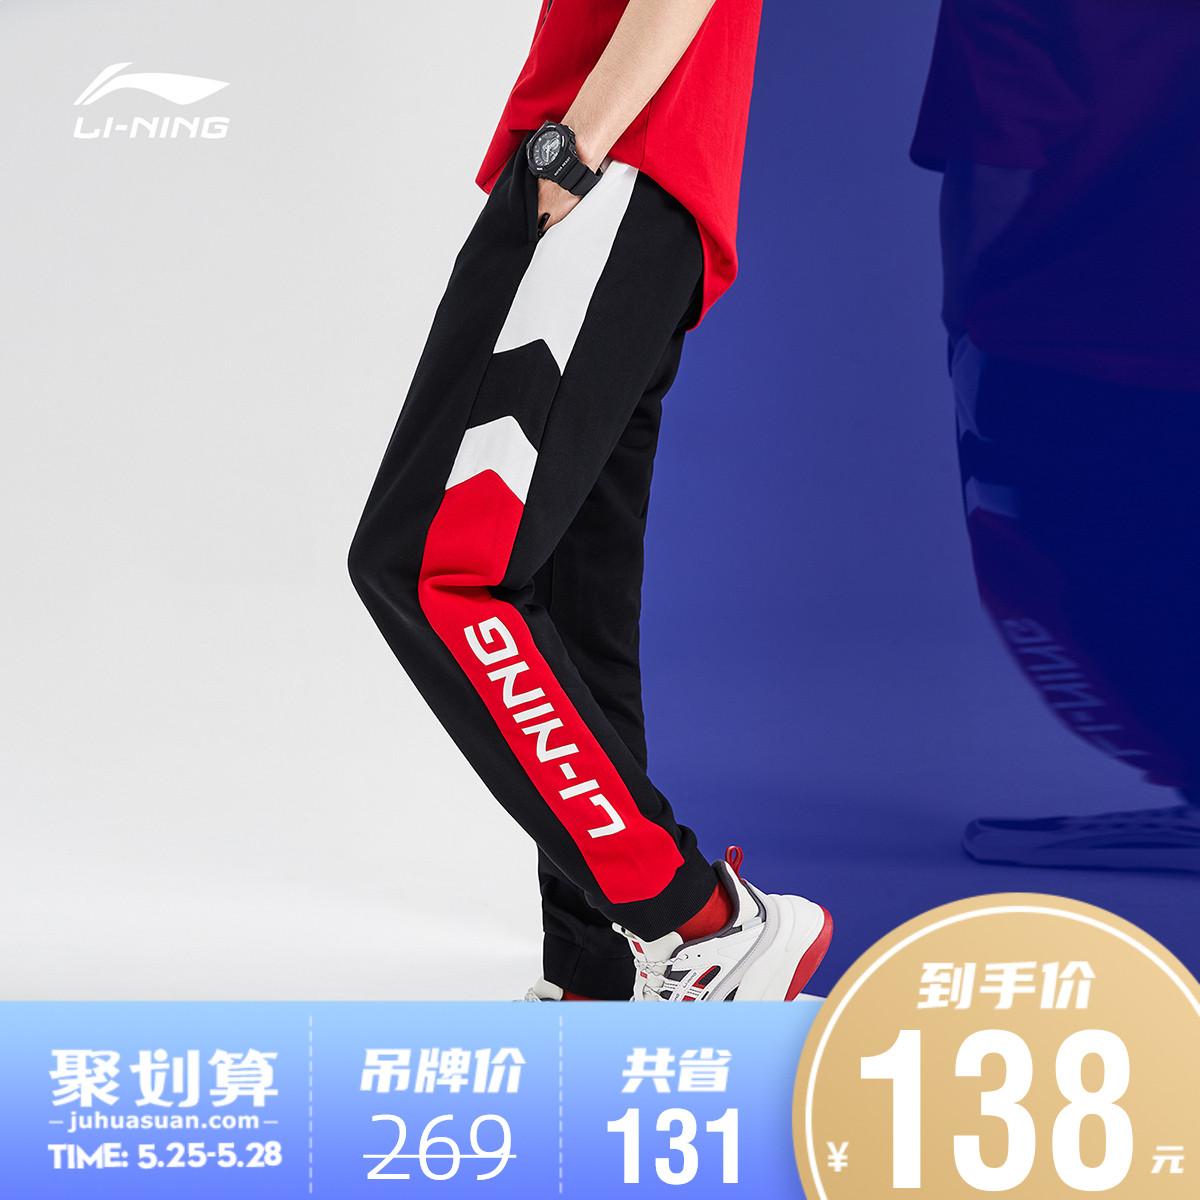 李宁卫裤男士夏季字母印花收口修身潮流休闲裤针织束脚运动长裤图片